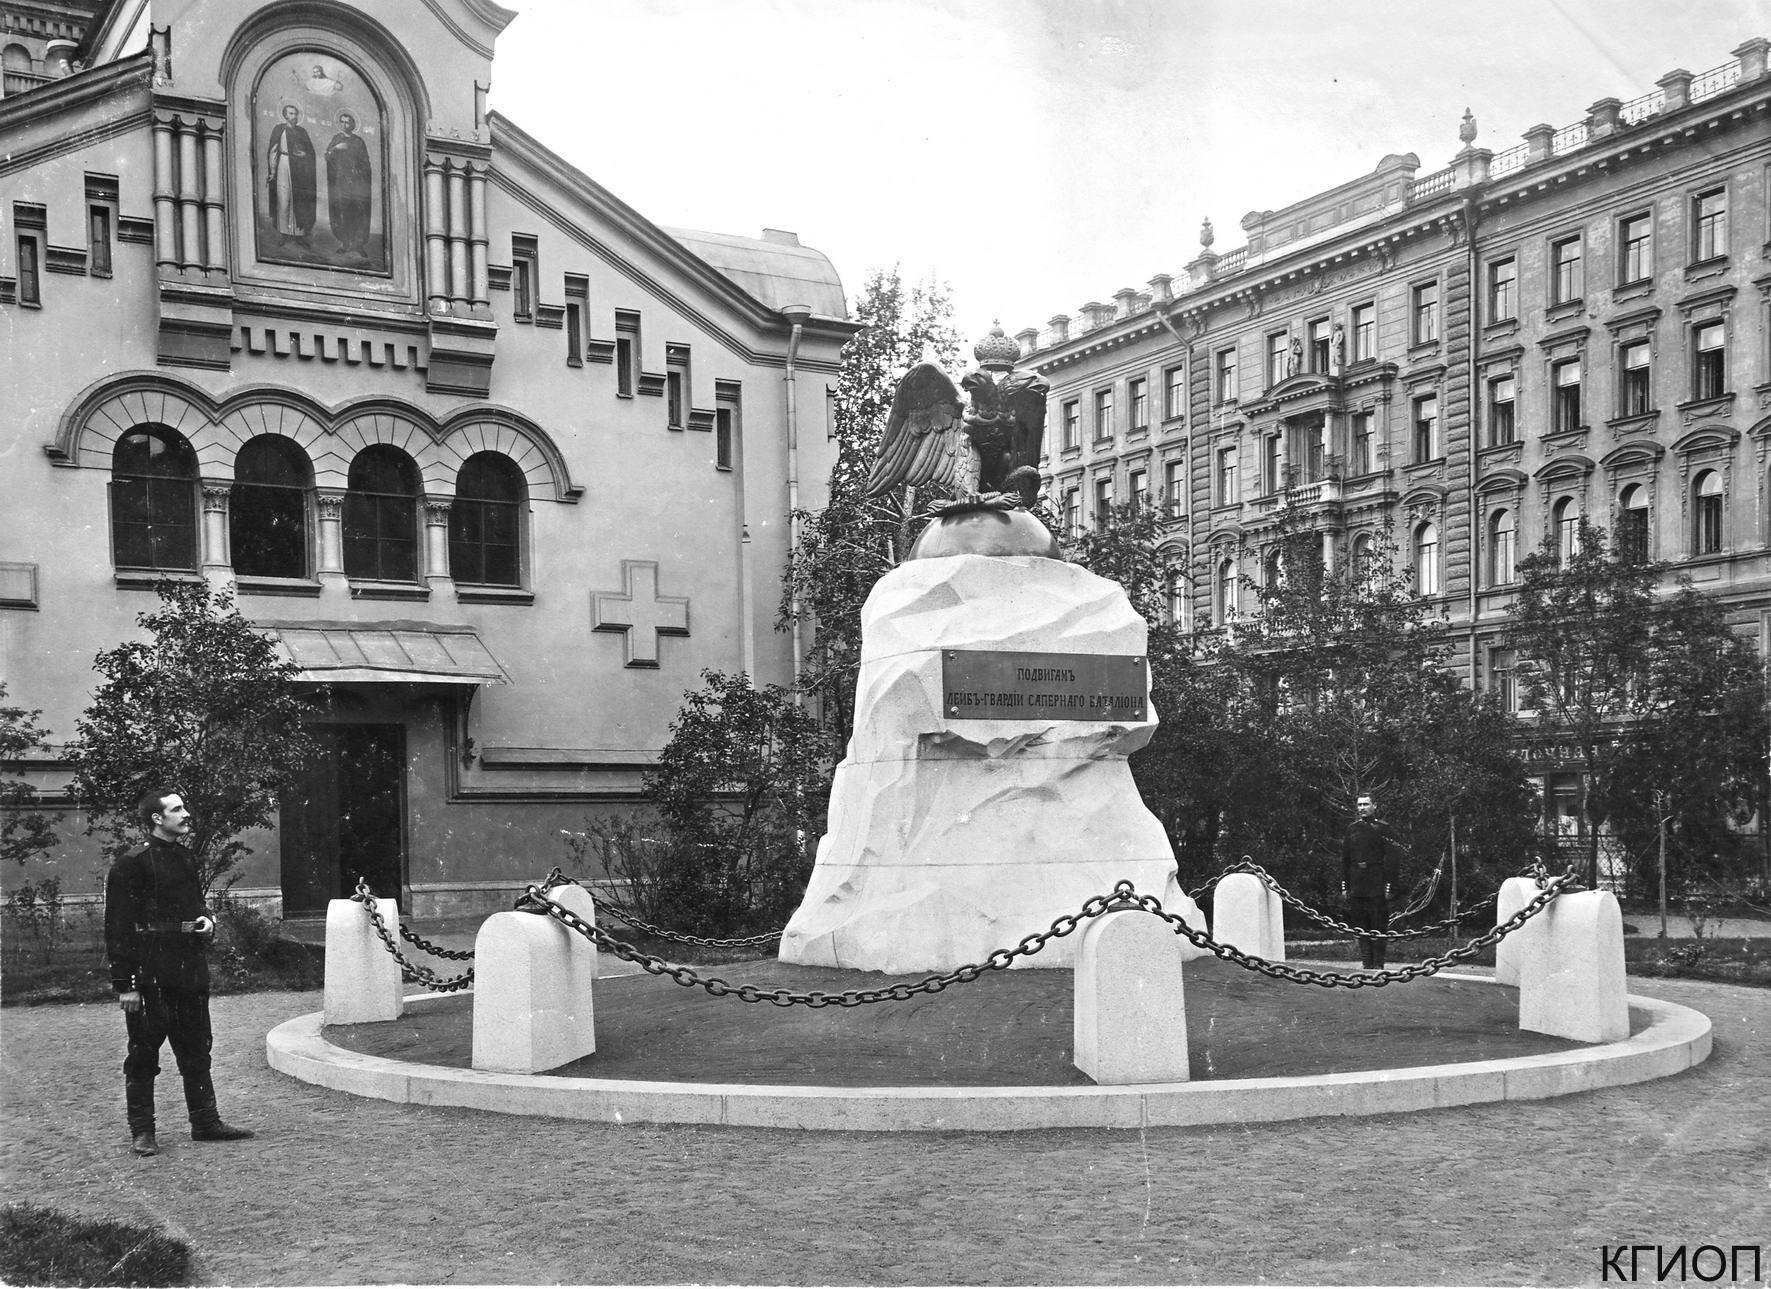 07. Памятник «Подвигам лейб-гвардии Саперного батальона». 1913.